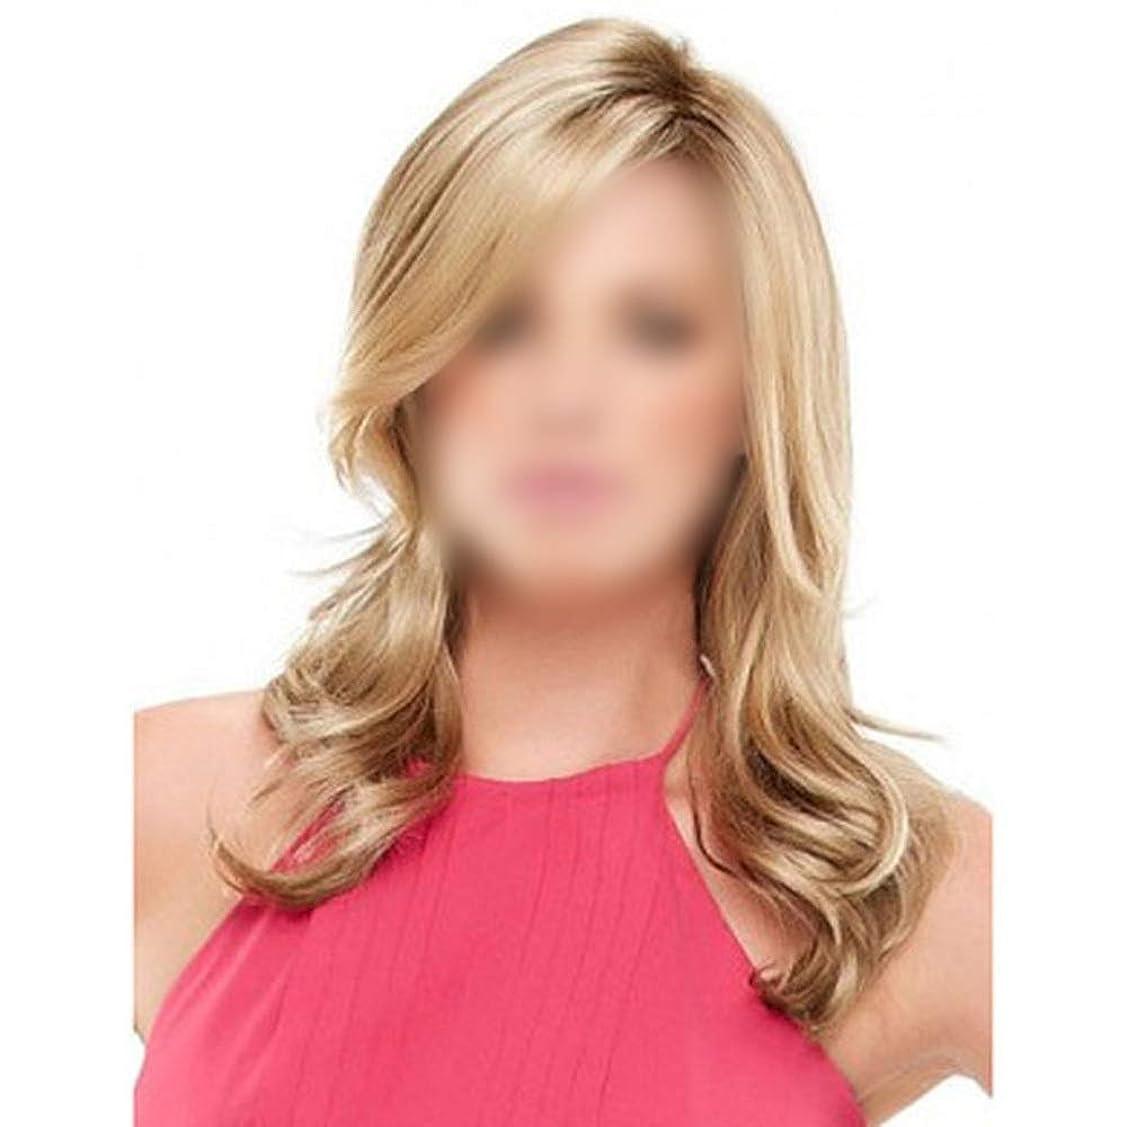 研究わがまま傾斜YESONEEP 女性の毎日のドレスのための斜め前髪付きの長い波状の巻き毛のかつら耐熱ファイバーパーティーウィッグ (色 : Blonde, サイズ : 70cm)